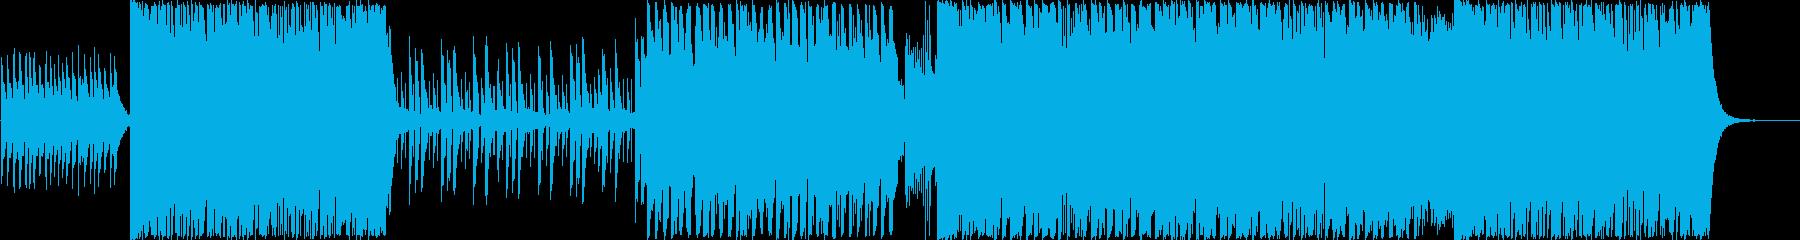 哀愁感のある切ないデジタルJ-POPの再生済みの波形